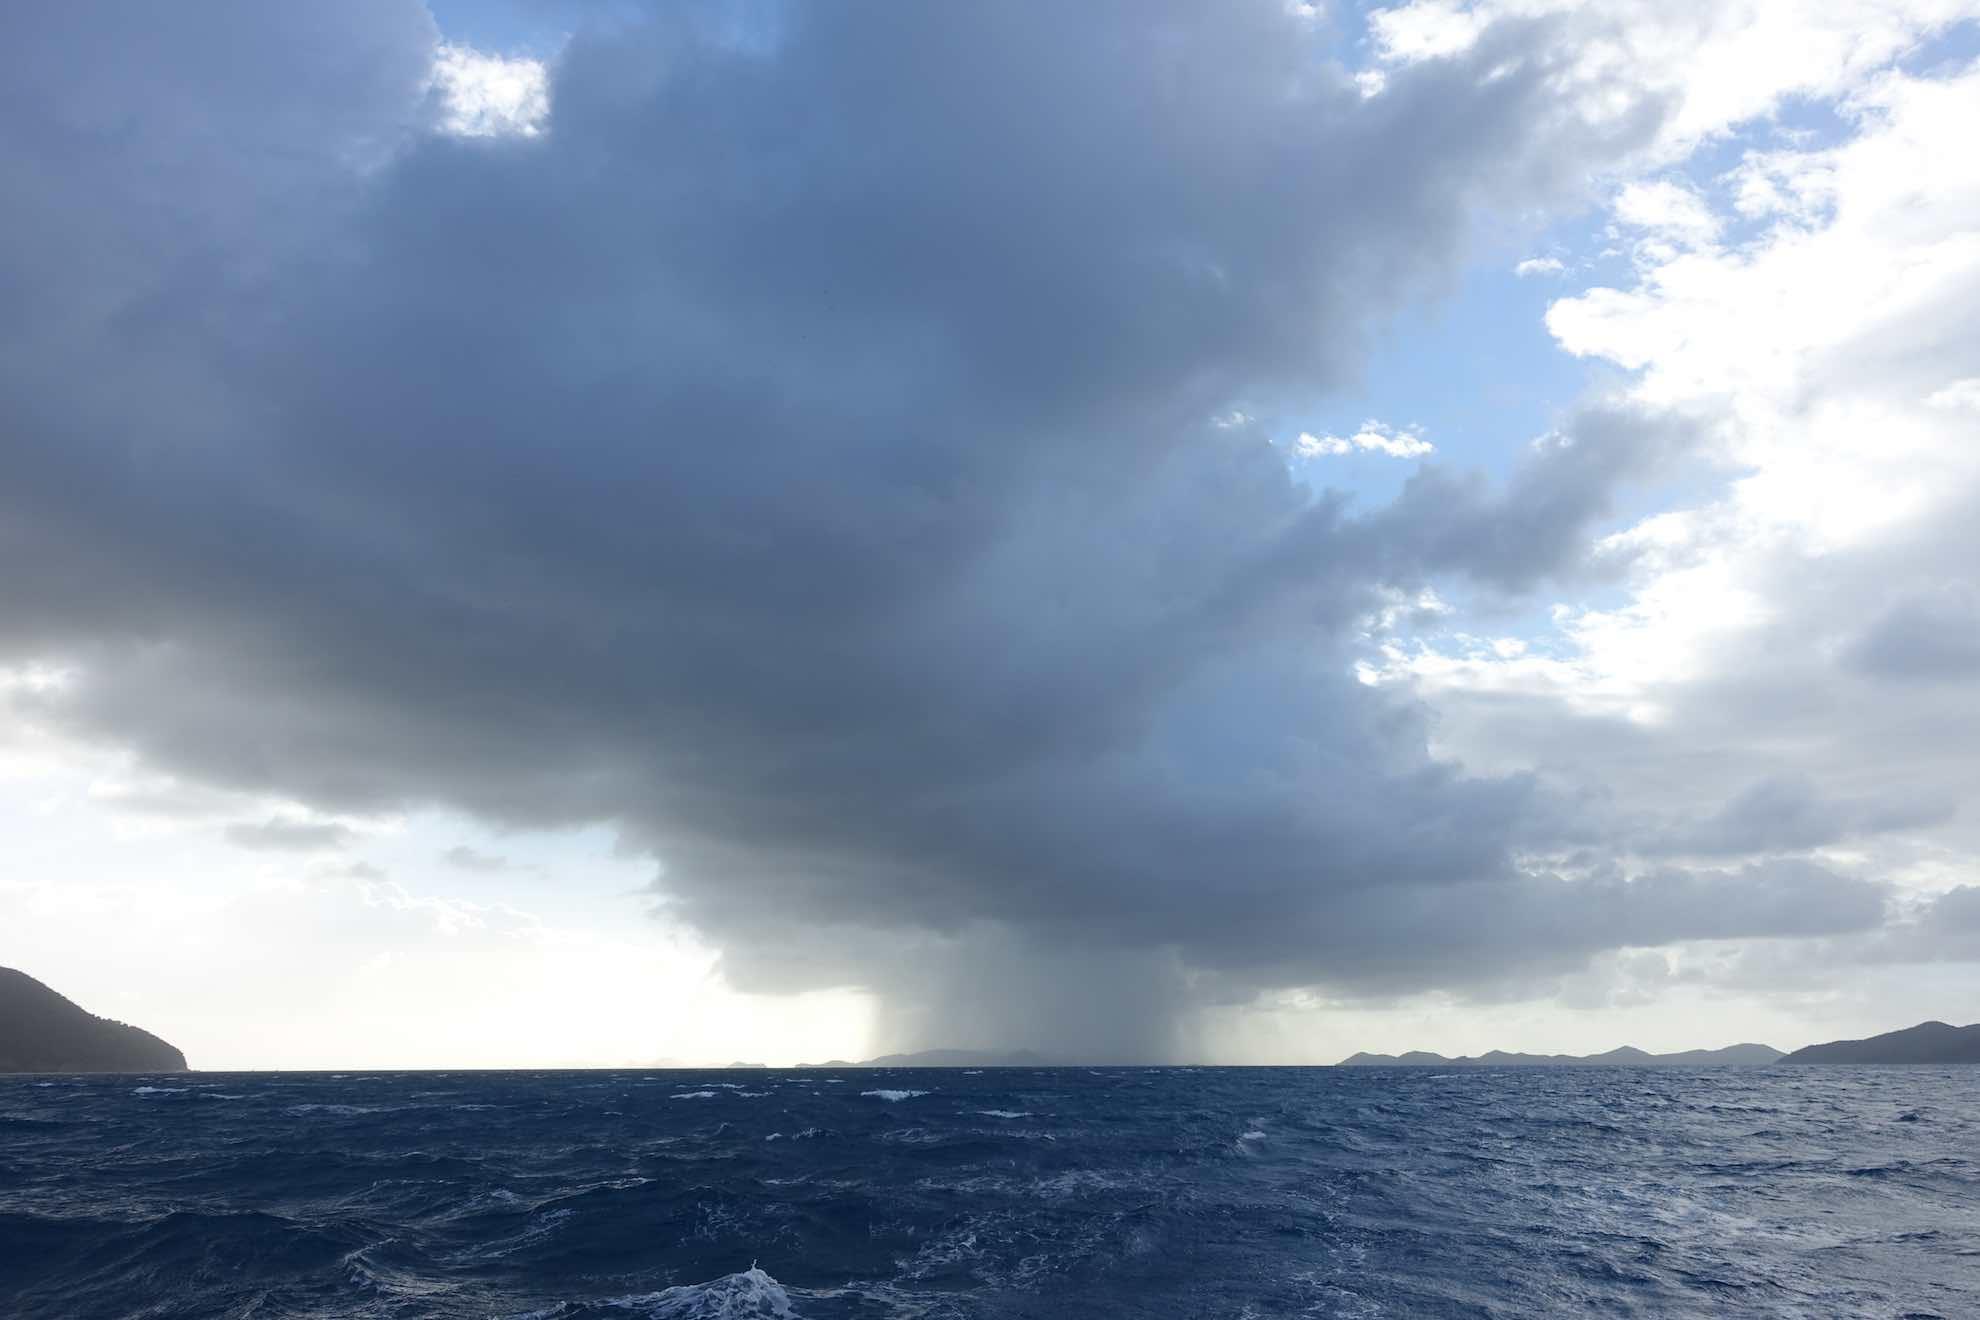 Noch ein paar Squalls (tropische Schauer), dann wird der Himmel aufklaren.